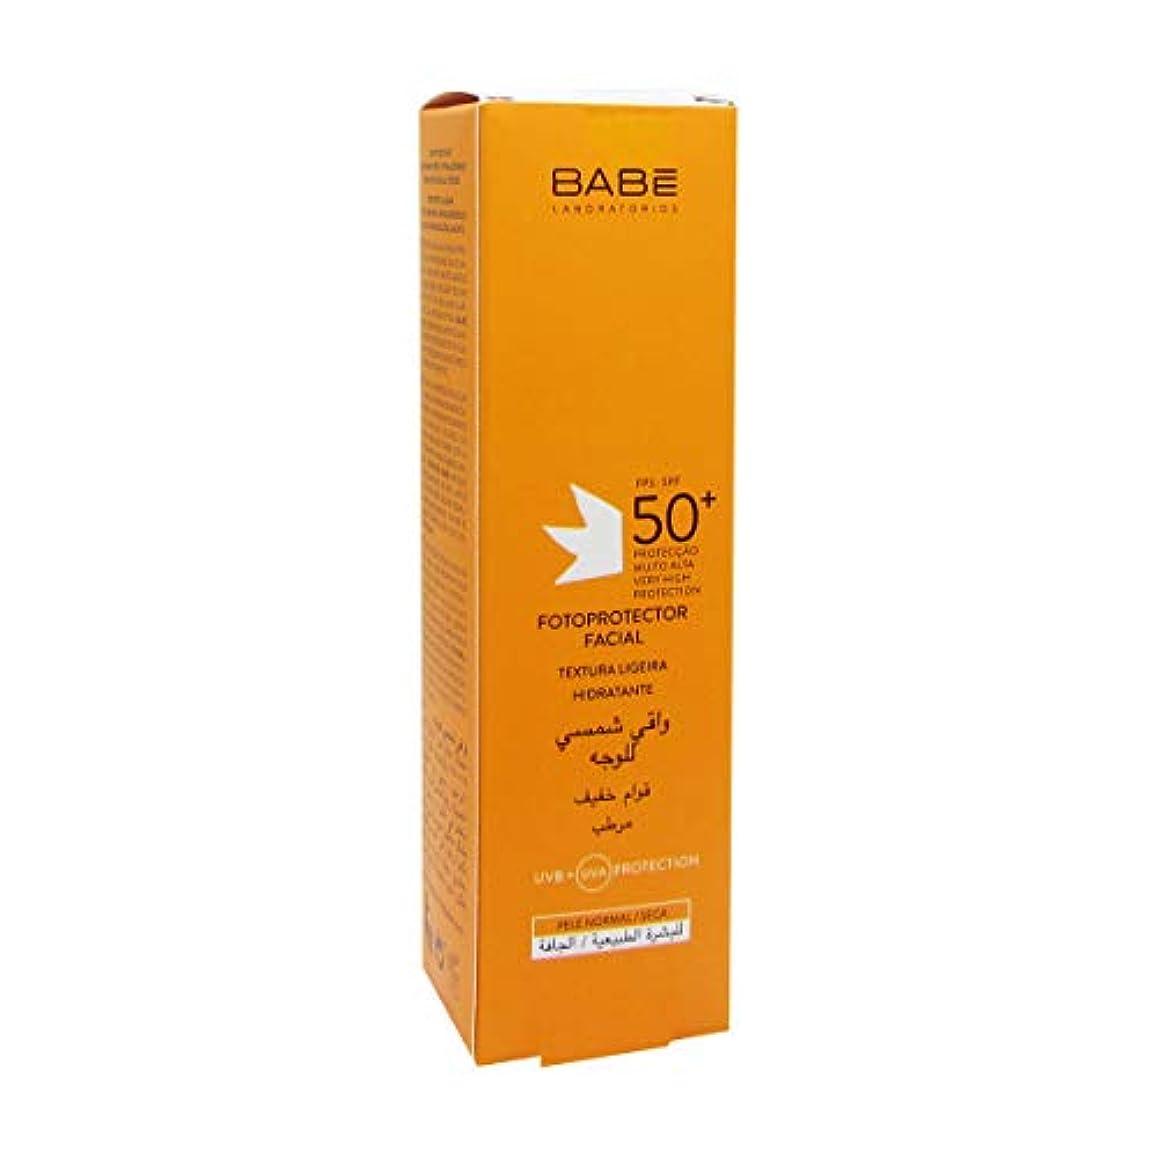 太い官僚人事Bab Sun Light Facial Photoprotector Fps50+ 50ml [並行輸入品]